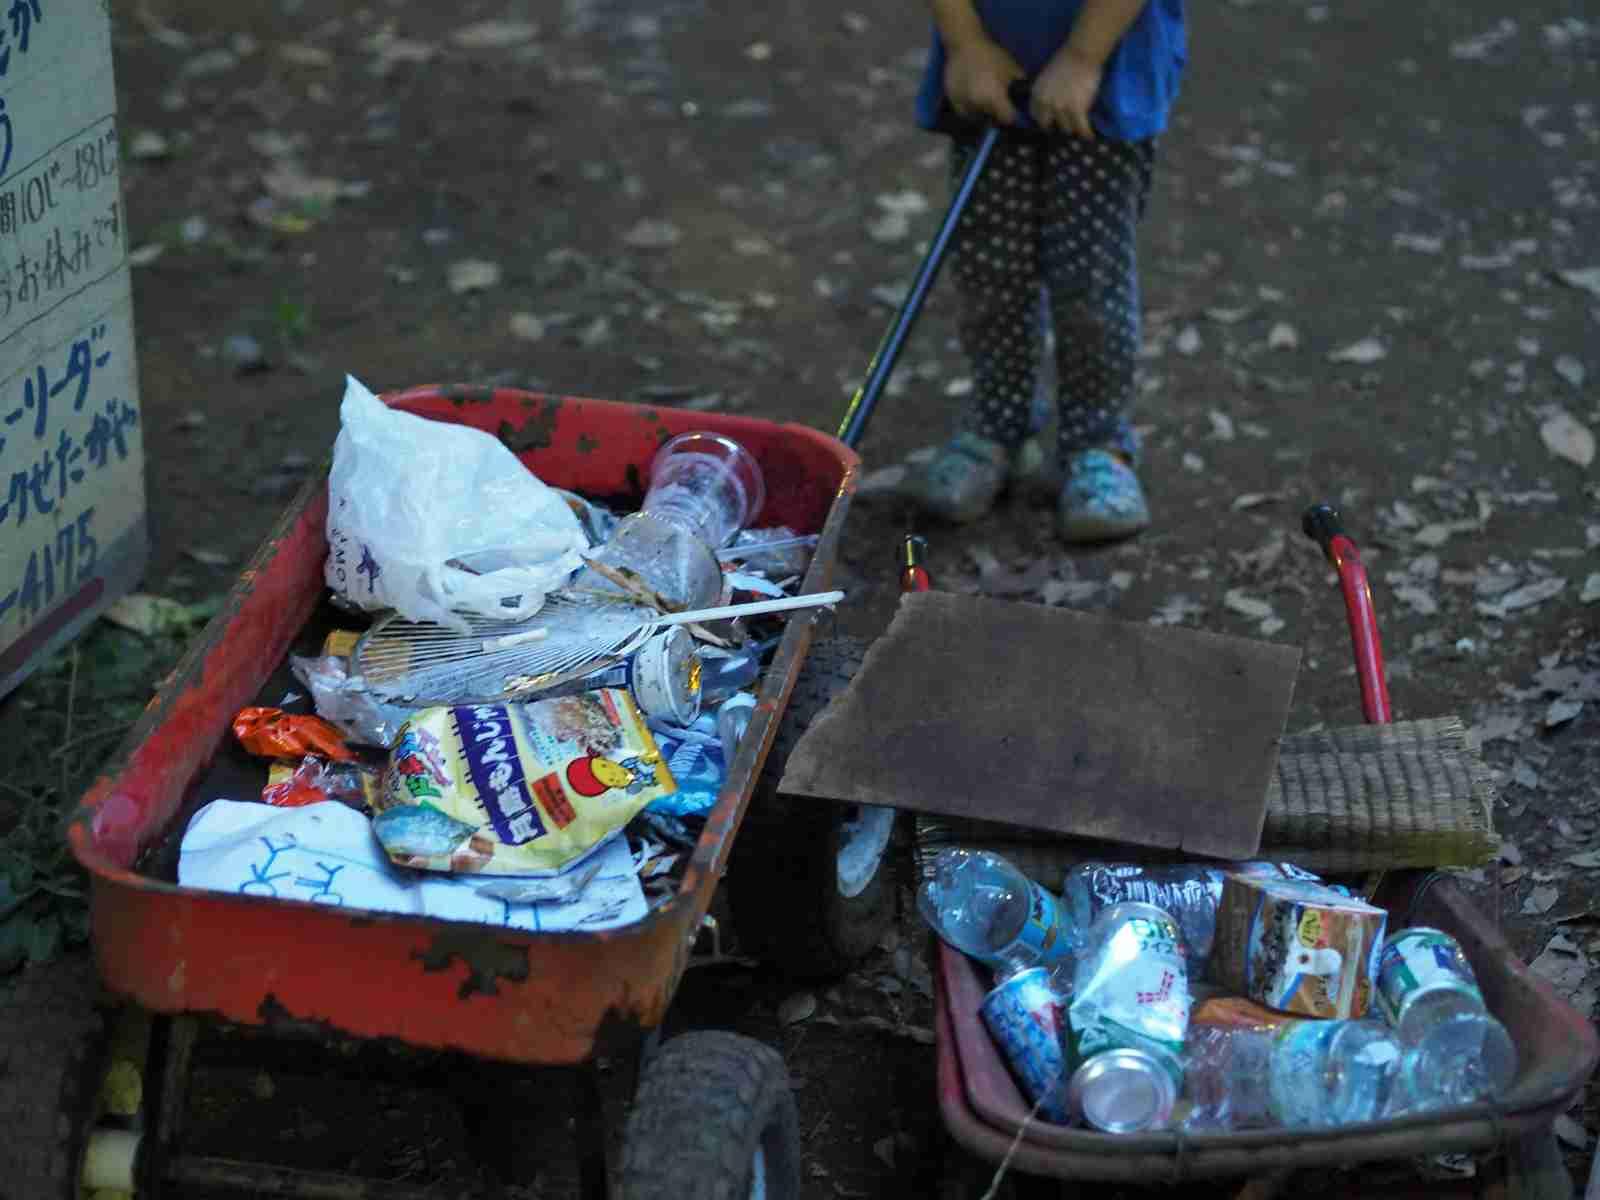 ポケモンGOでお祭り状態の世田谷公園でゴミ拾いをしてきた。 - 子連れでウロウロ… fal::diary